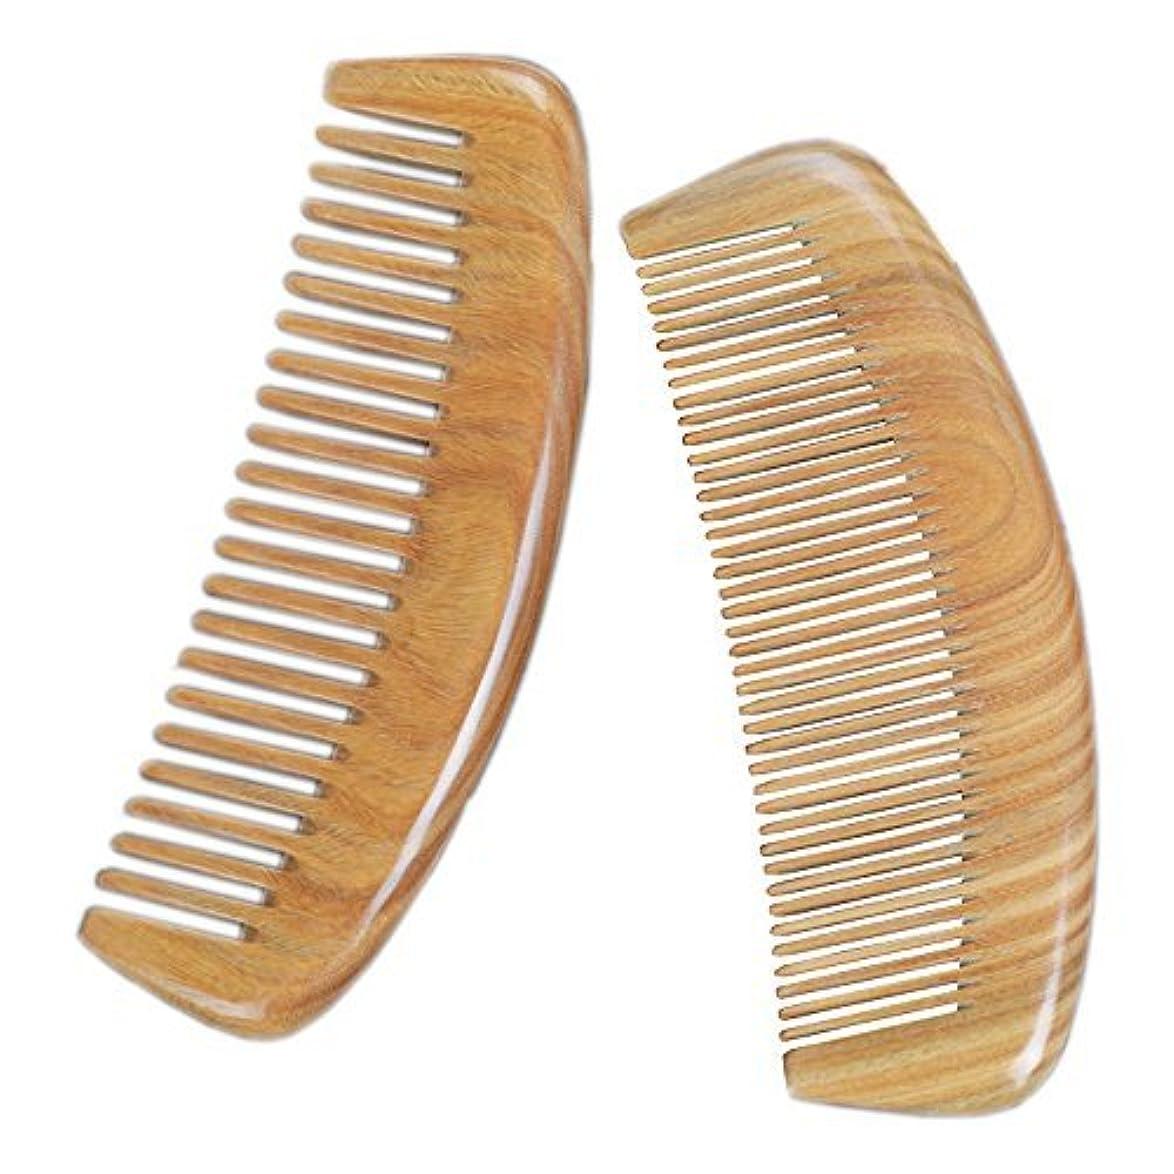 神秘回復排他的LiveZone Handmade Natural Green Sandalwood 2-Count(Minute Tooth and Wide Tooth Wood Comb) Hair Comb with Natural...